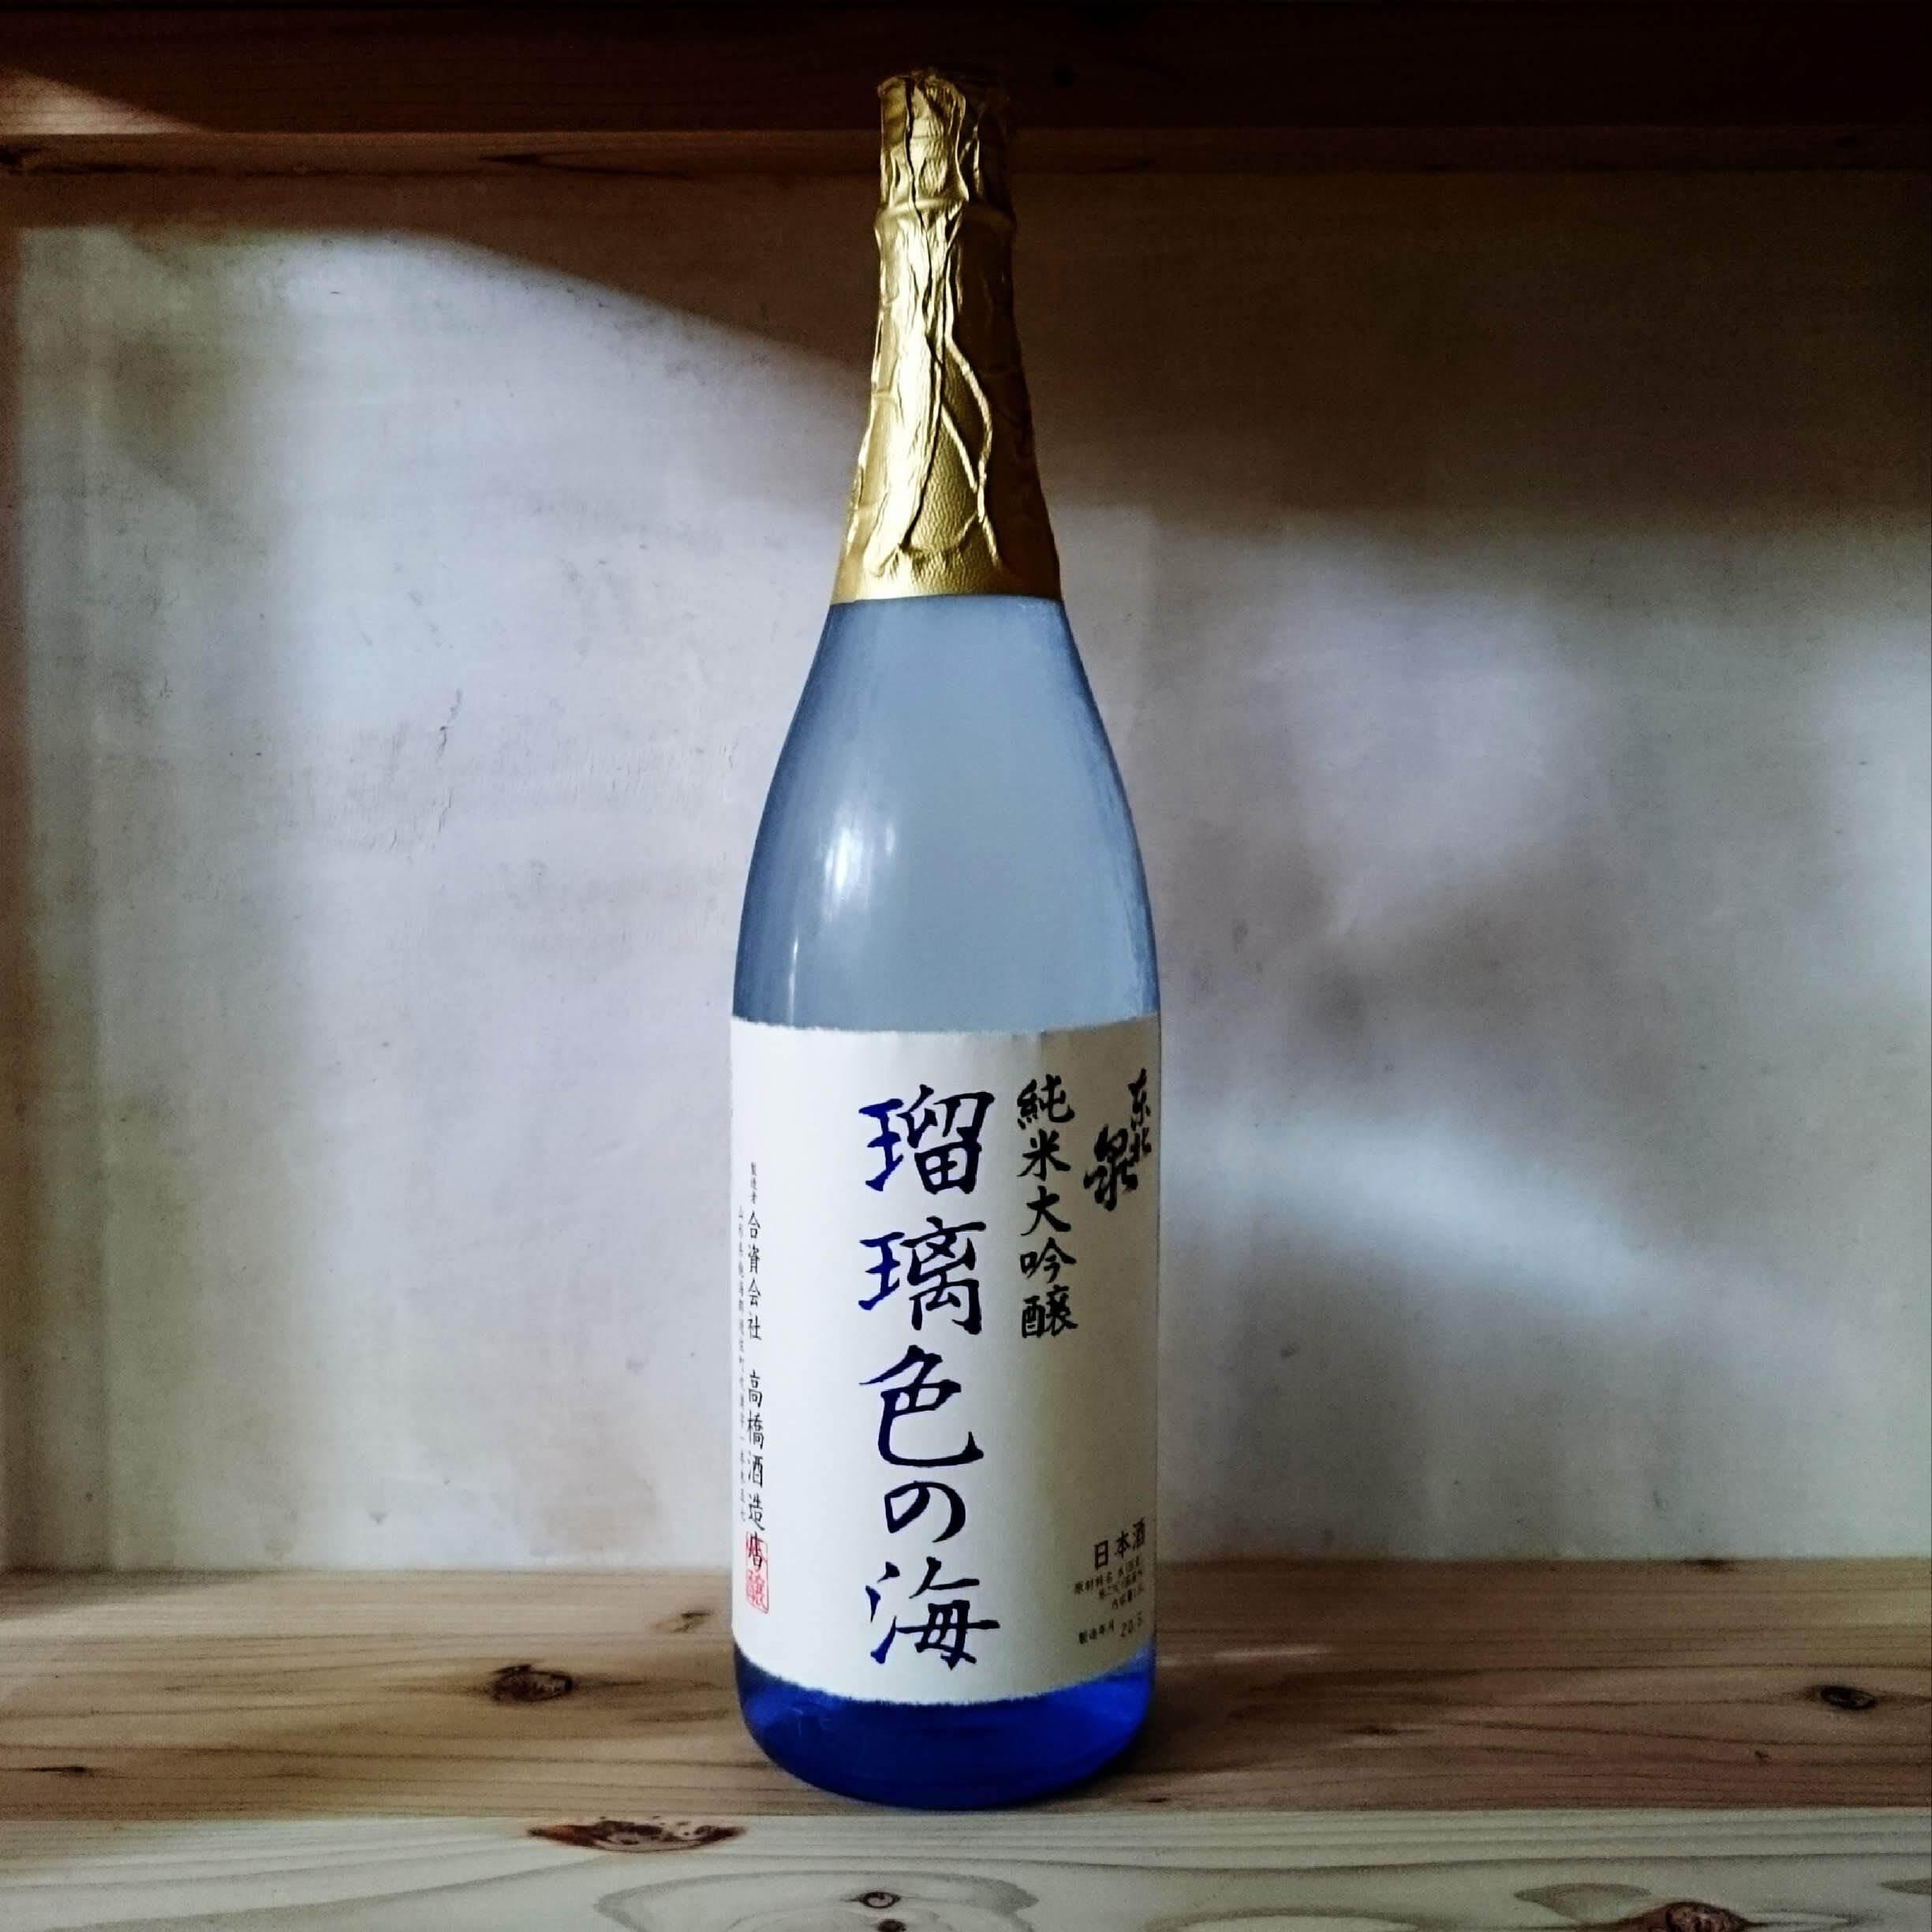 東北泉 純米大吟醸 「瑠璃色の海」 1.8L